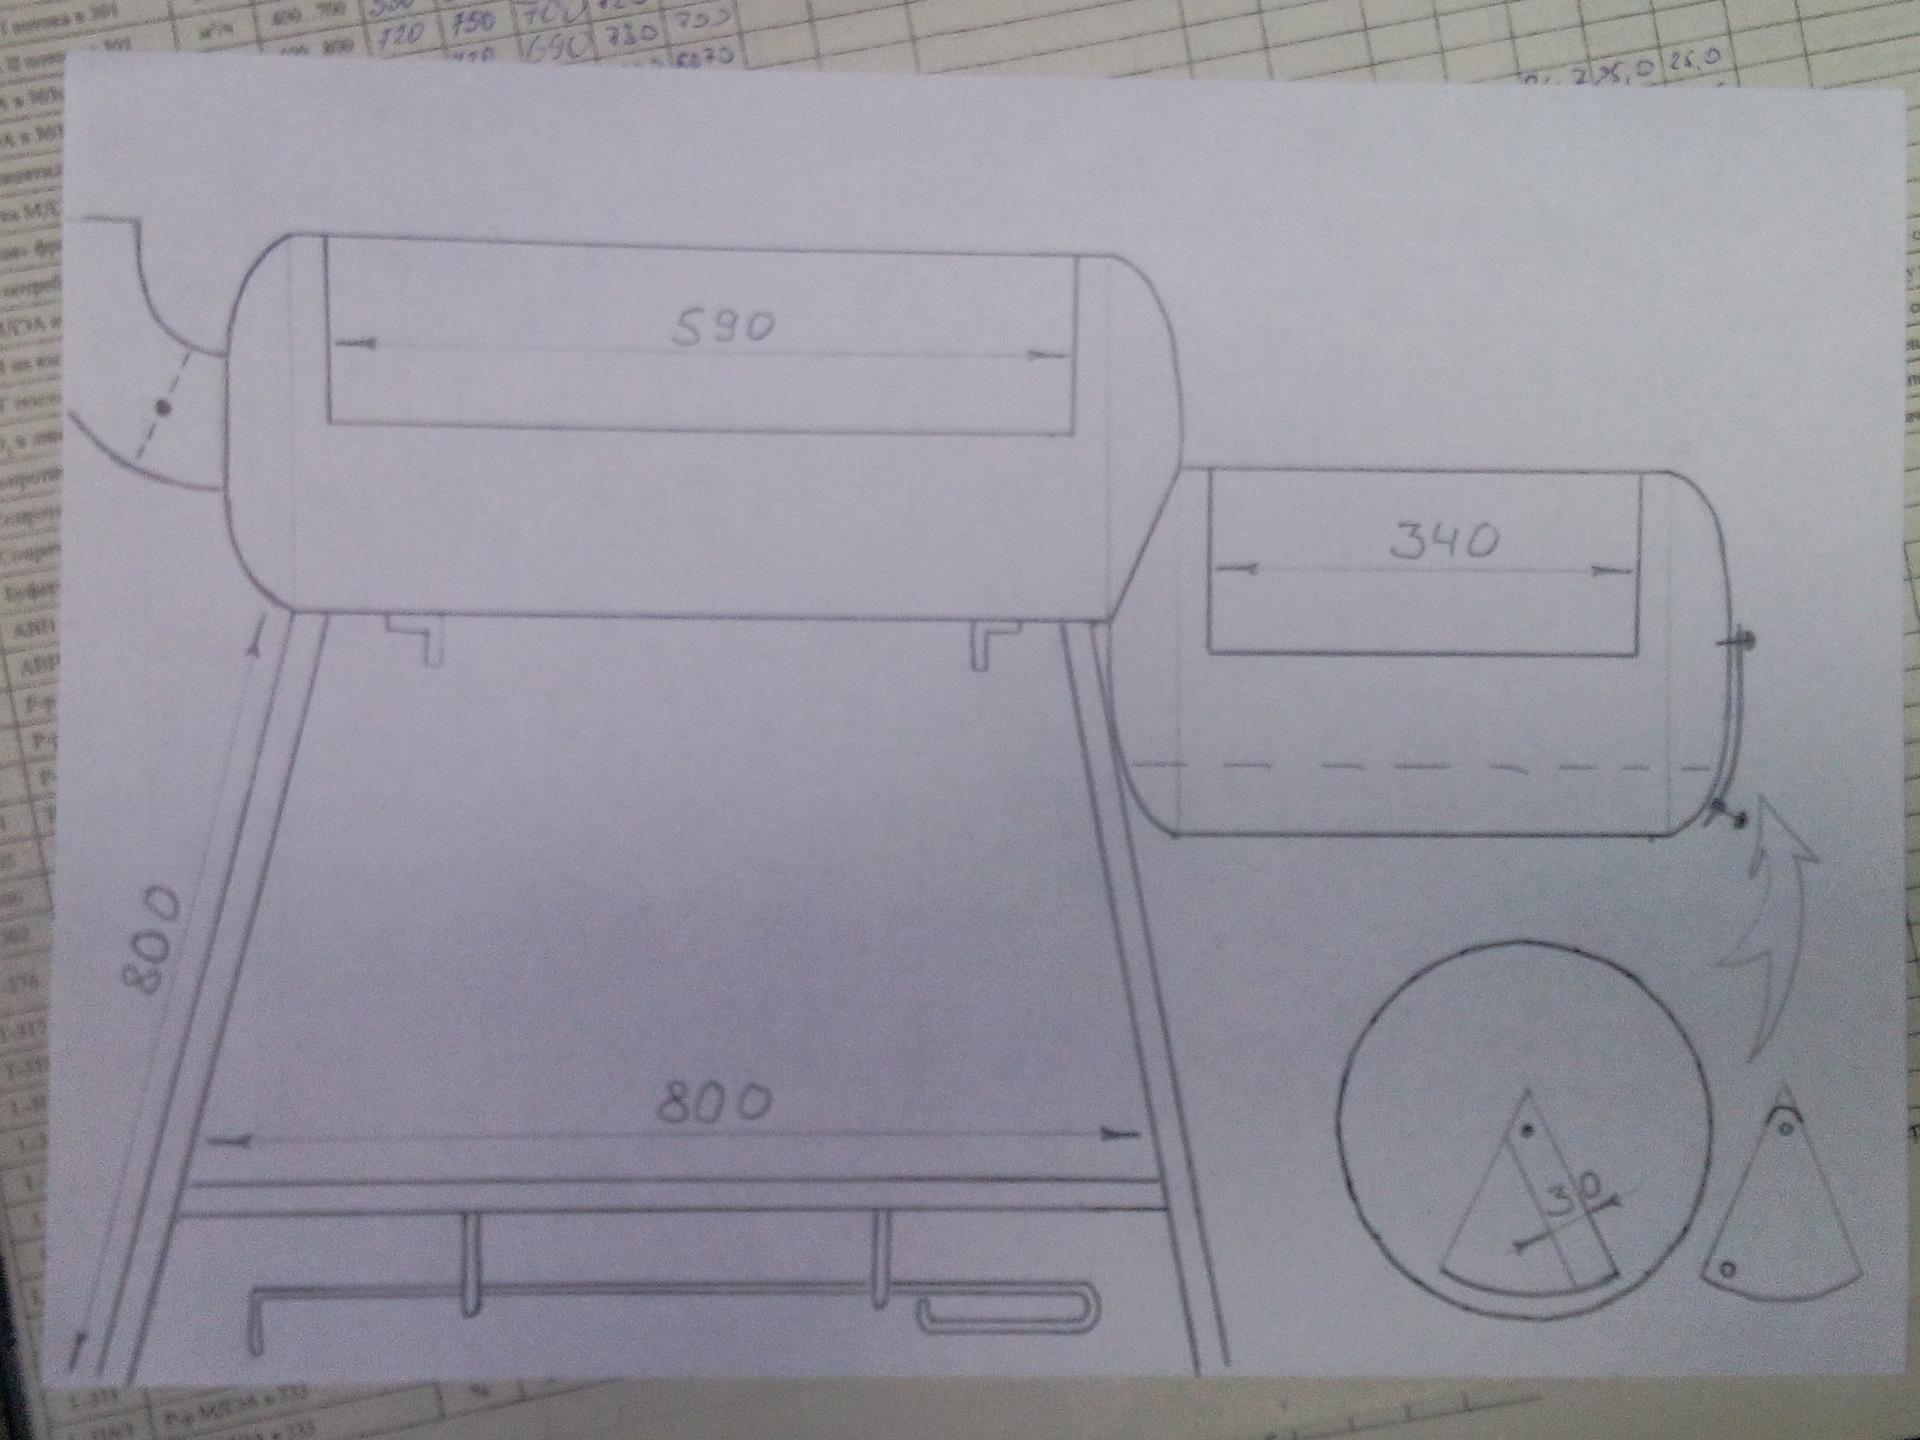 Мангал из газового баллона своими руками: чертежи с размерами, фото, видео